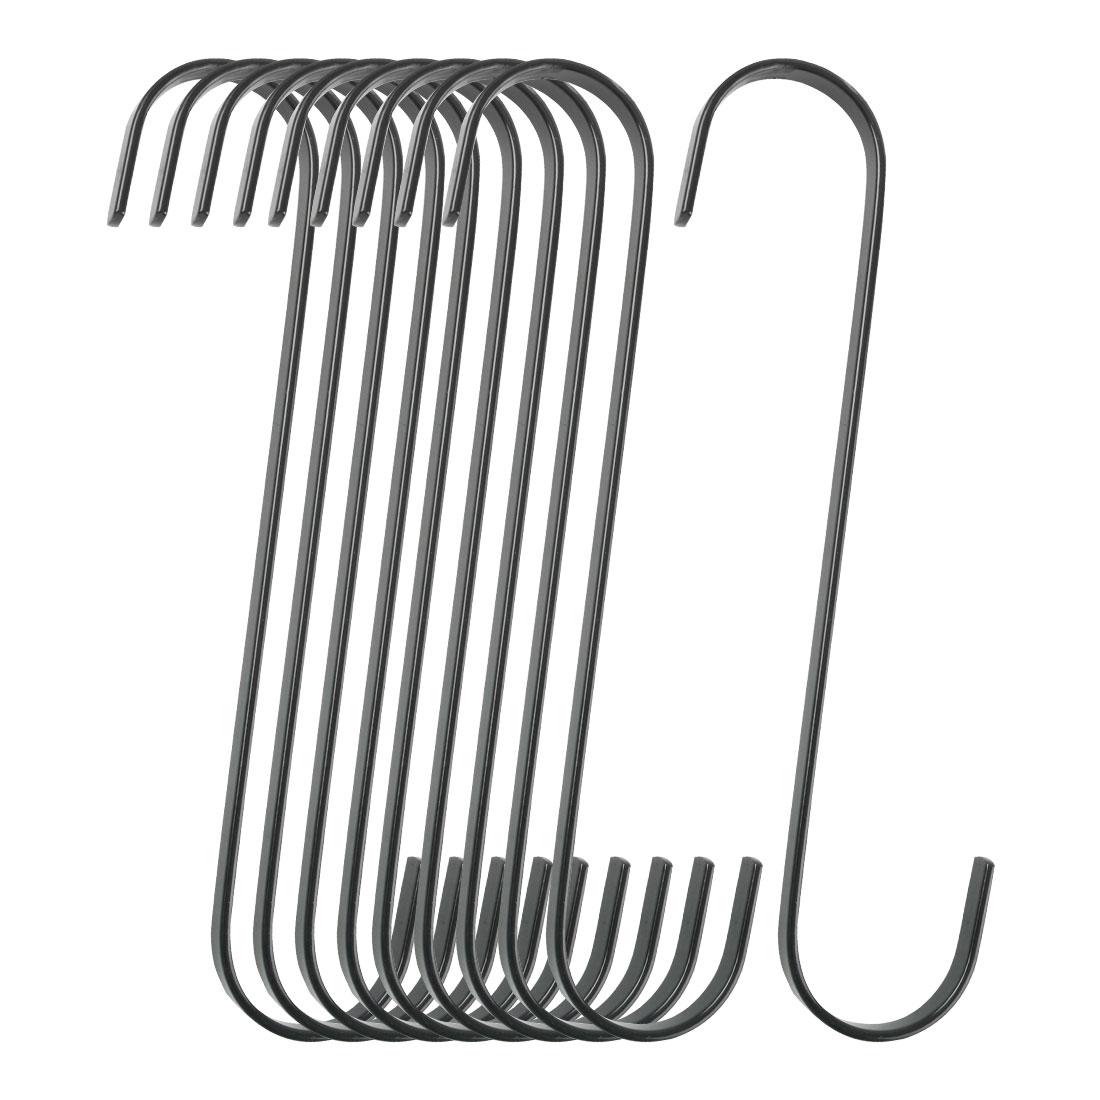 10pcs S Shape Hook Rack Stainless Steel for Pot Utensils Coat Towel Holder Black